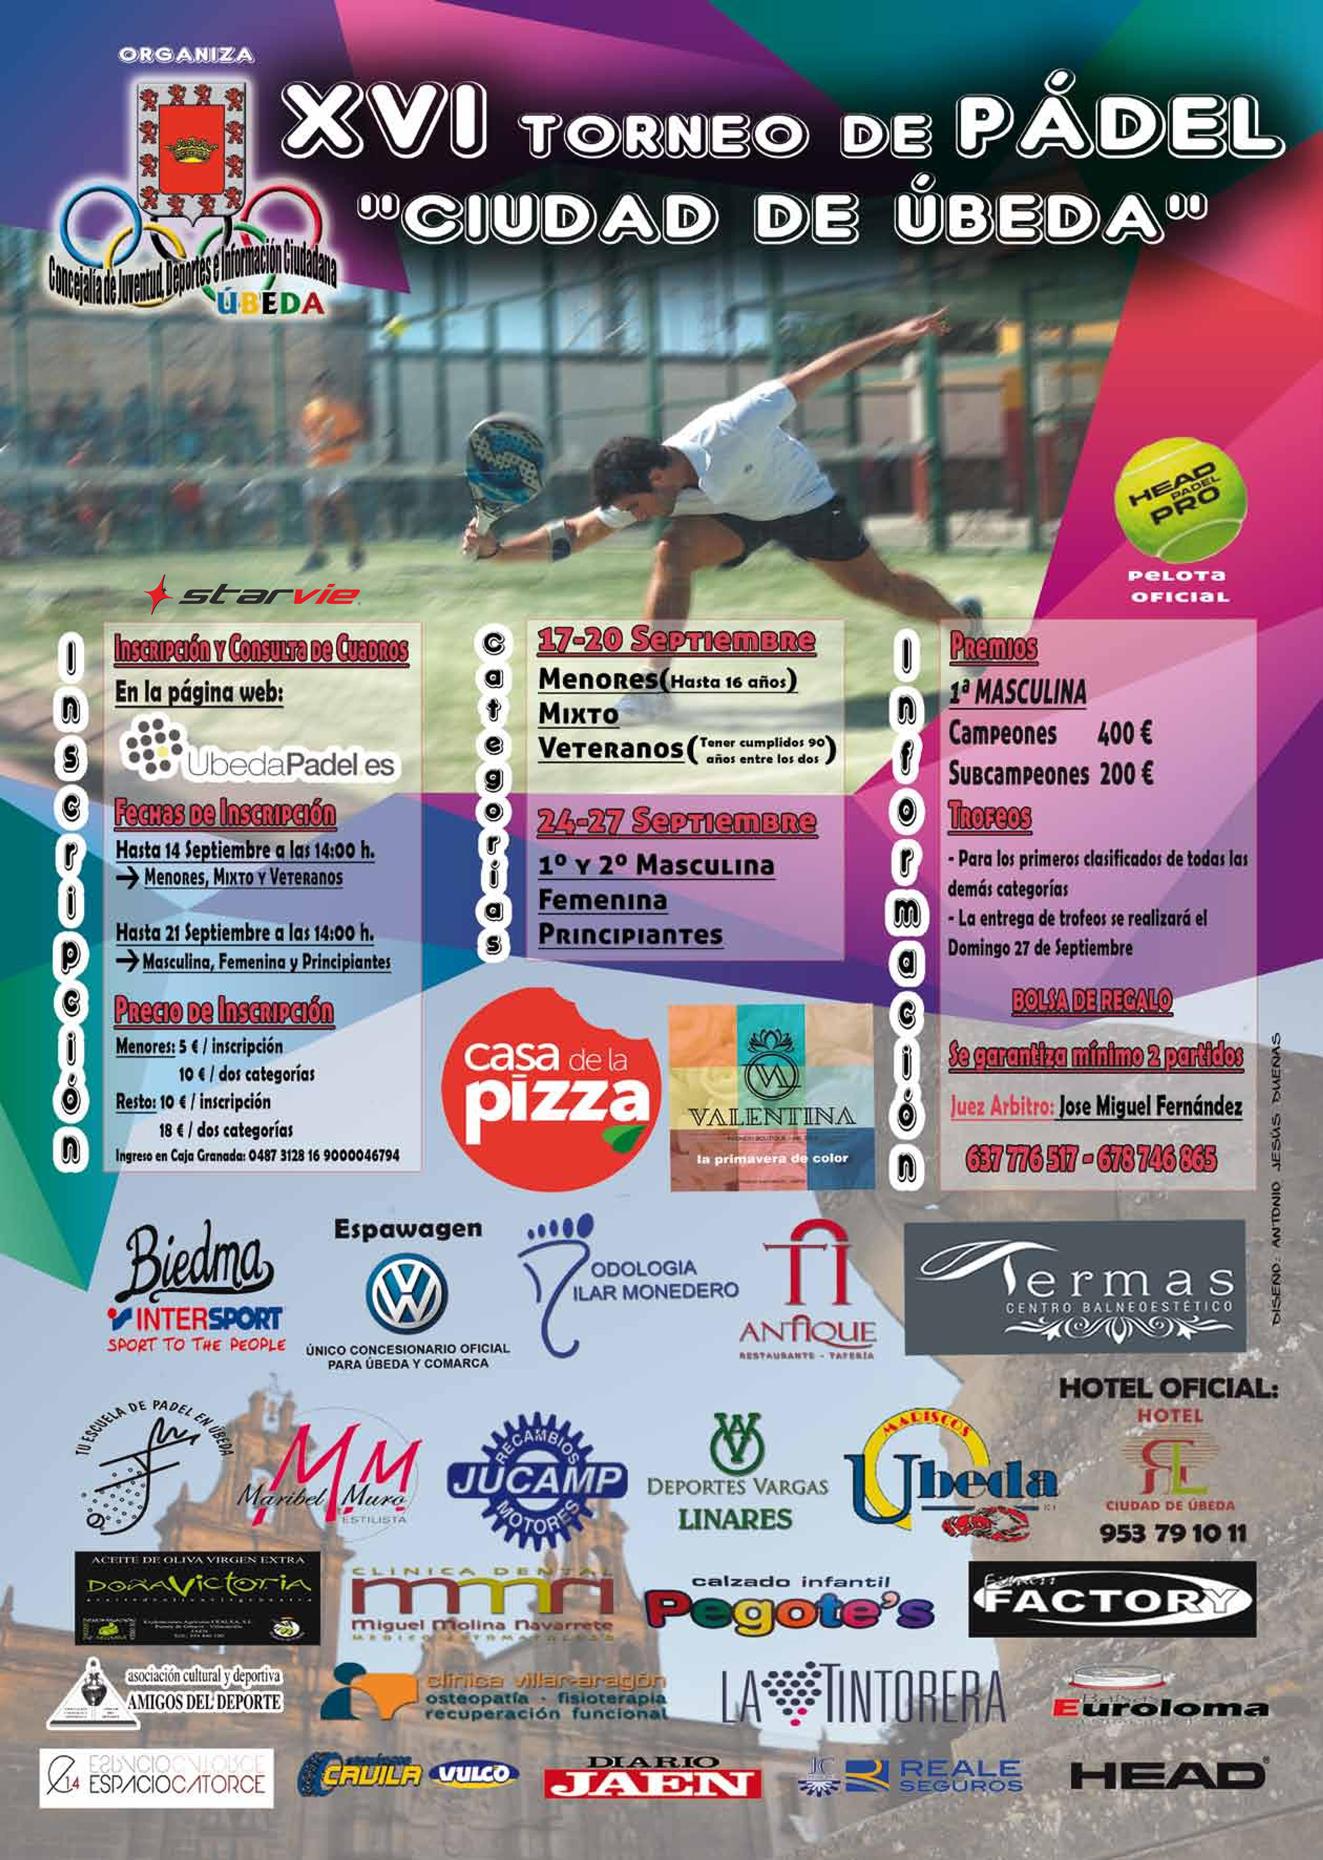 """XVI Torneo de pádel """"ciudad de úbeda"""" - 2015"""